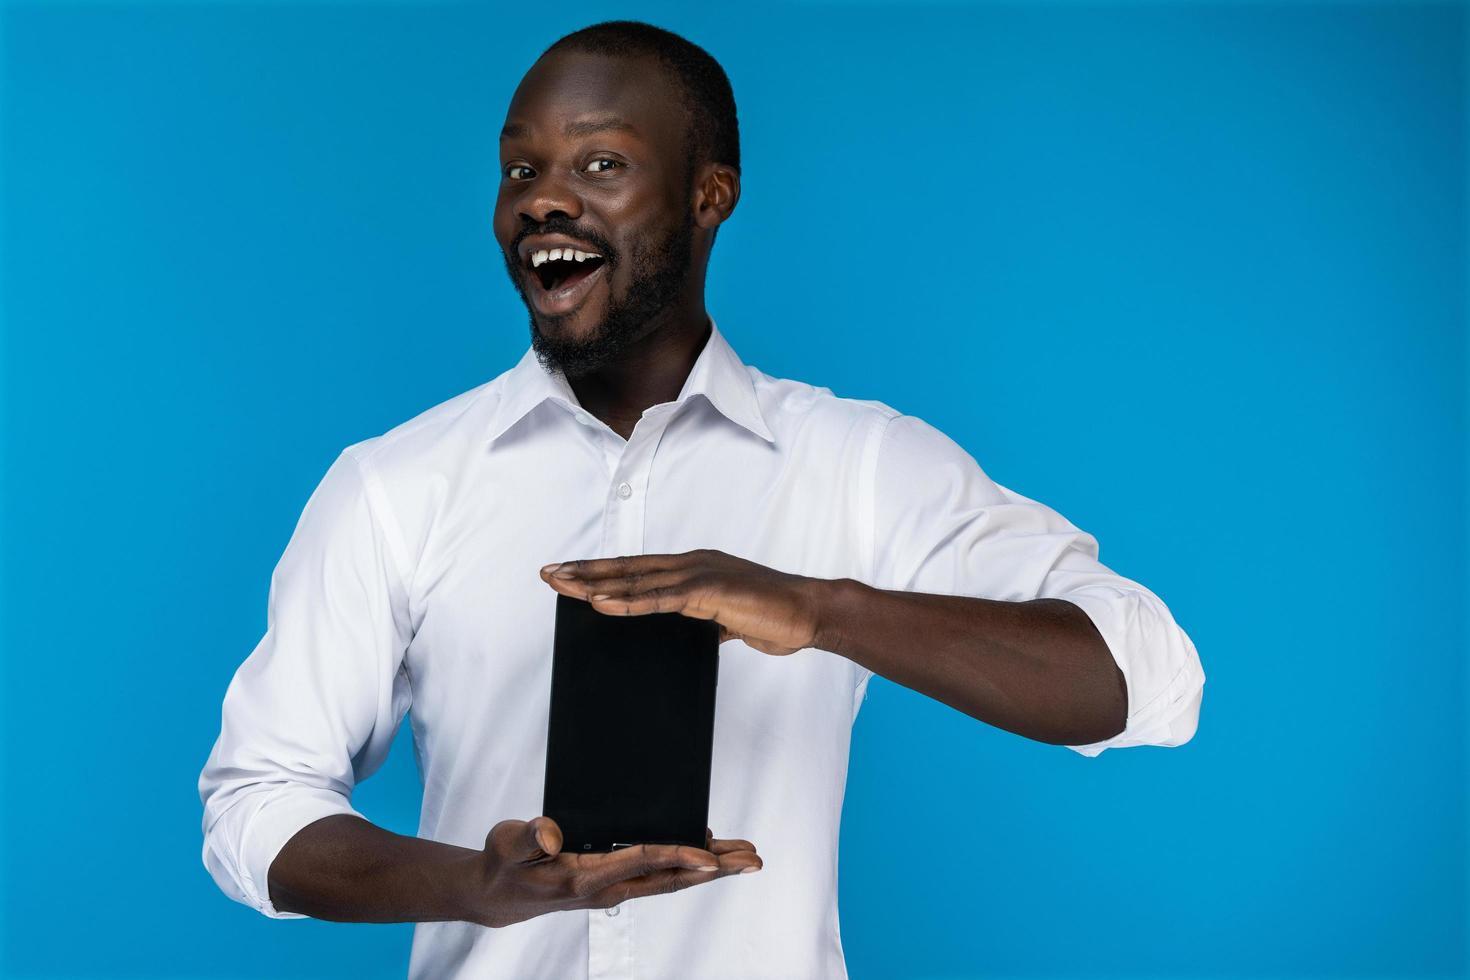 homme mignon sourit et tient une tablette photo